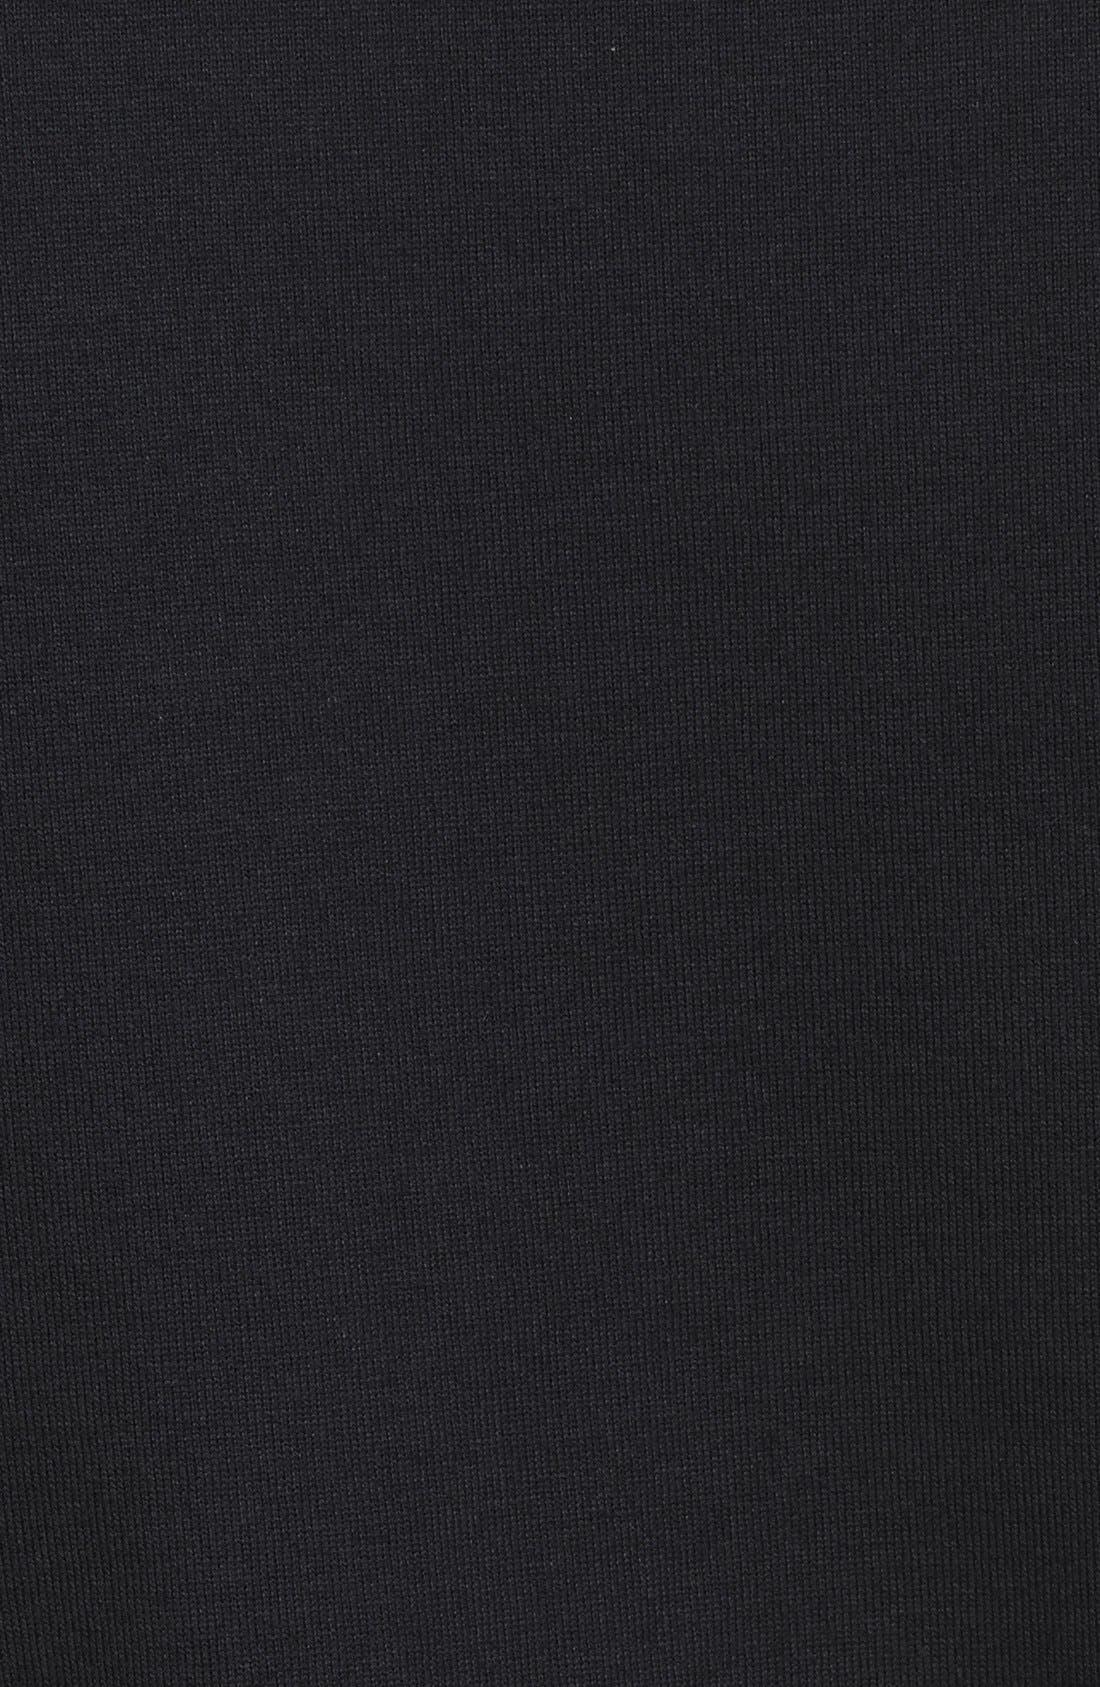 Comme des Garçons PLAY Crewneck T-Shirt,                             Alternate thumbnail 3, color,                             BLACK